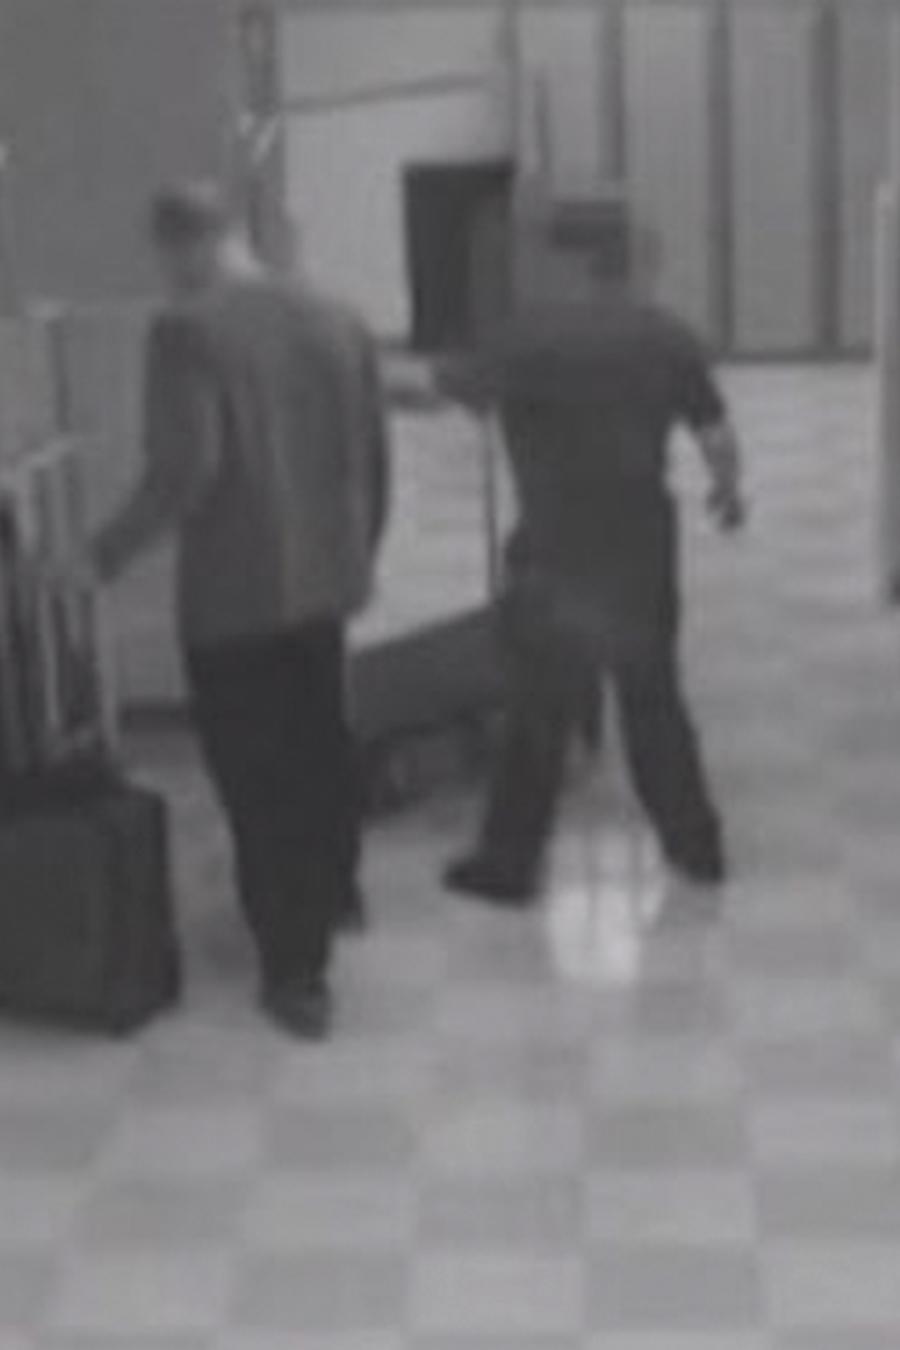 Revelan imágenes sorprendentes de la actividad del tirador de Las Vegas